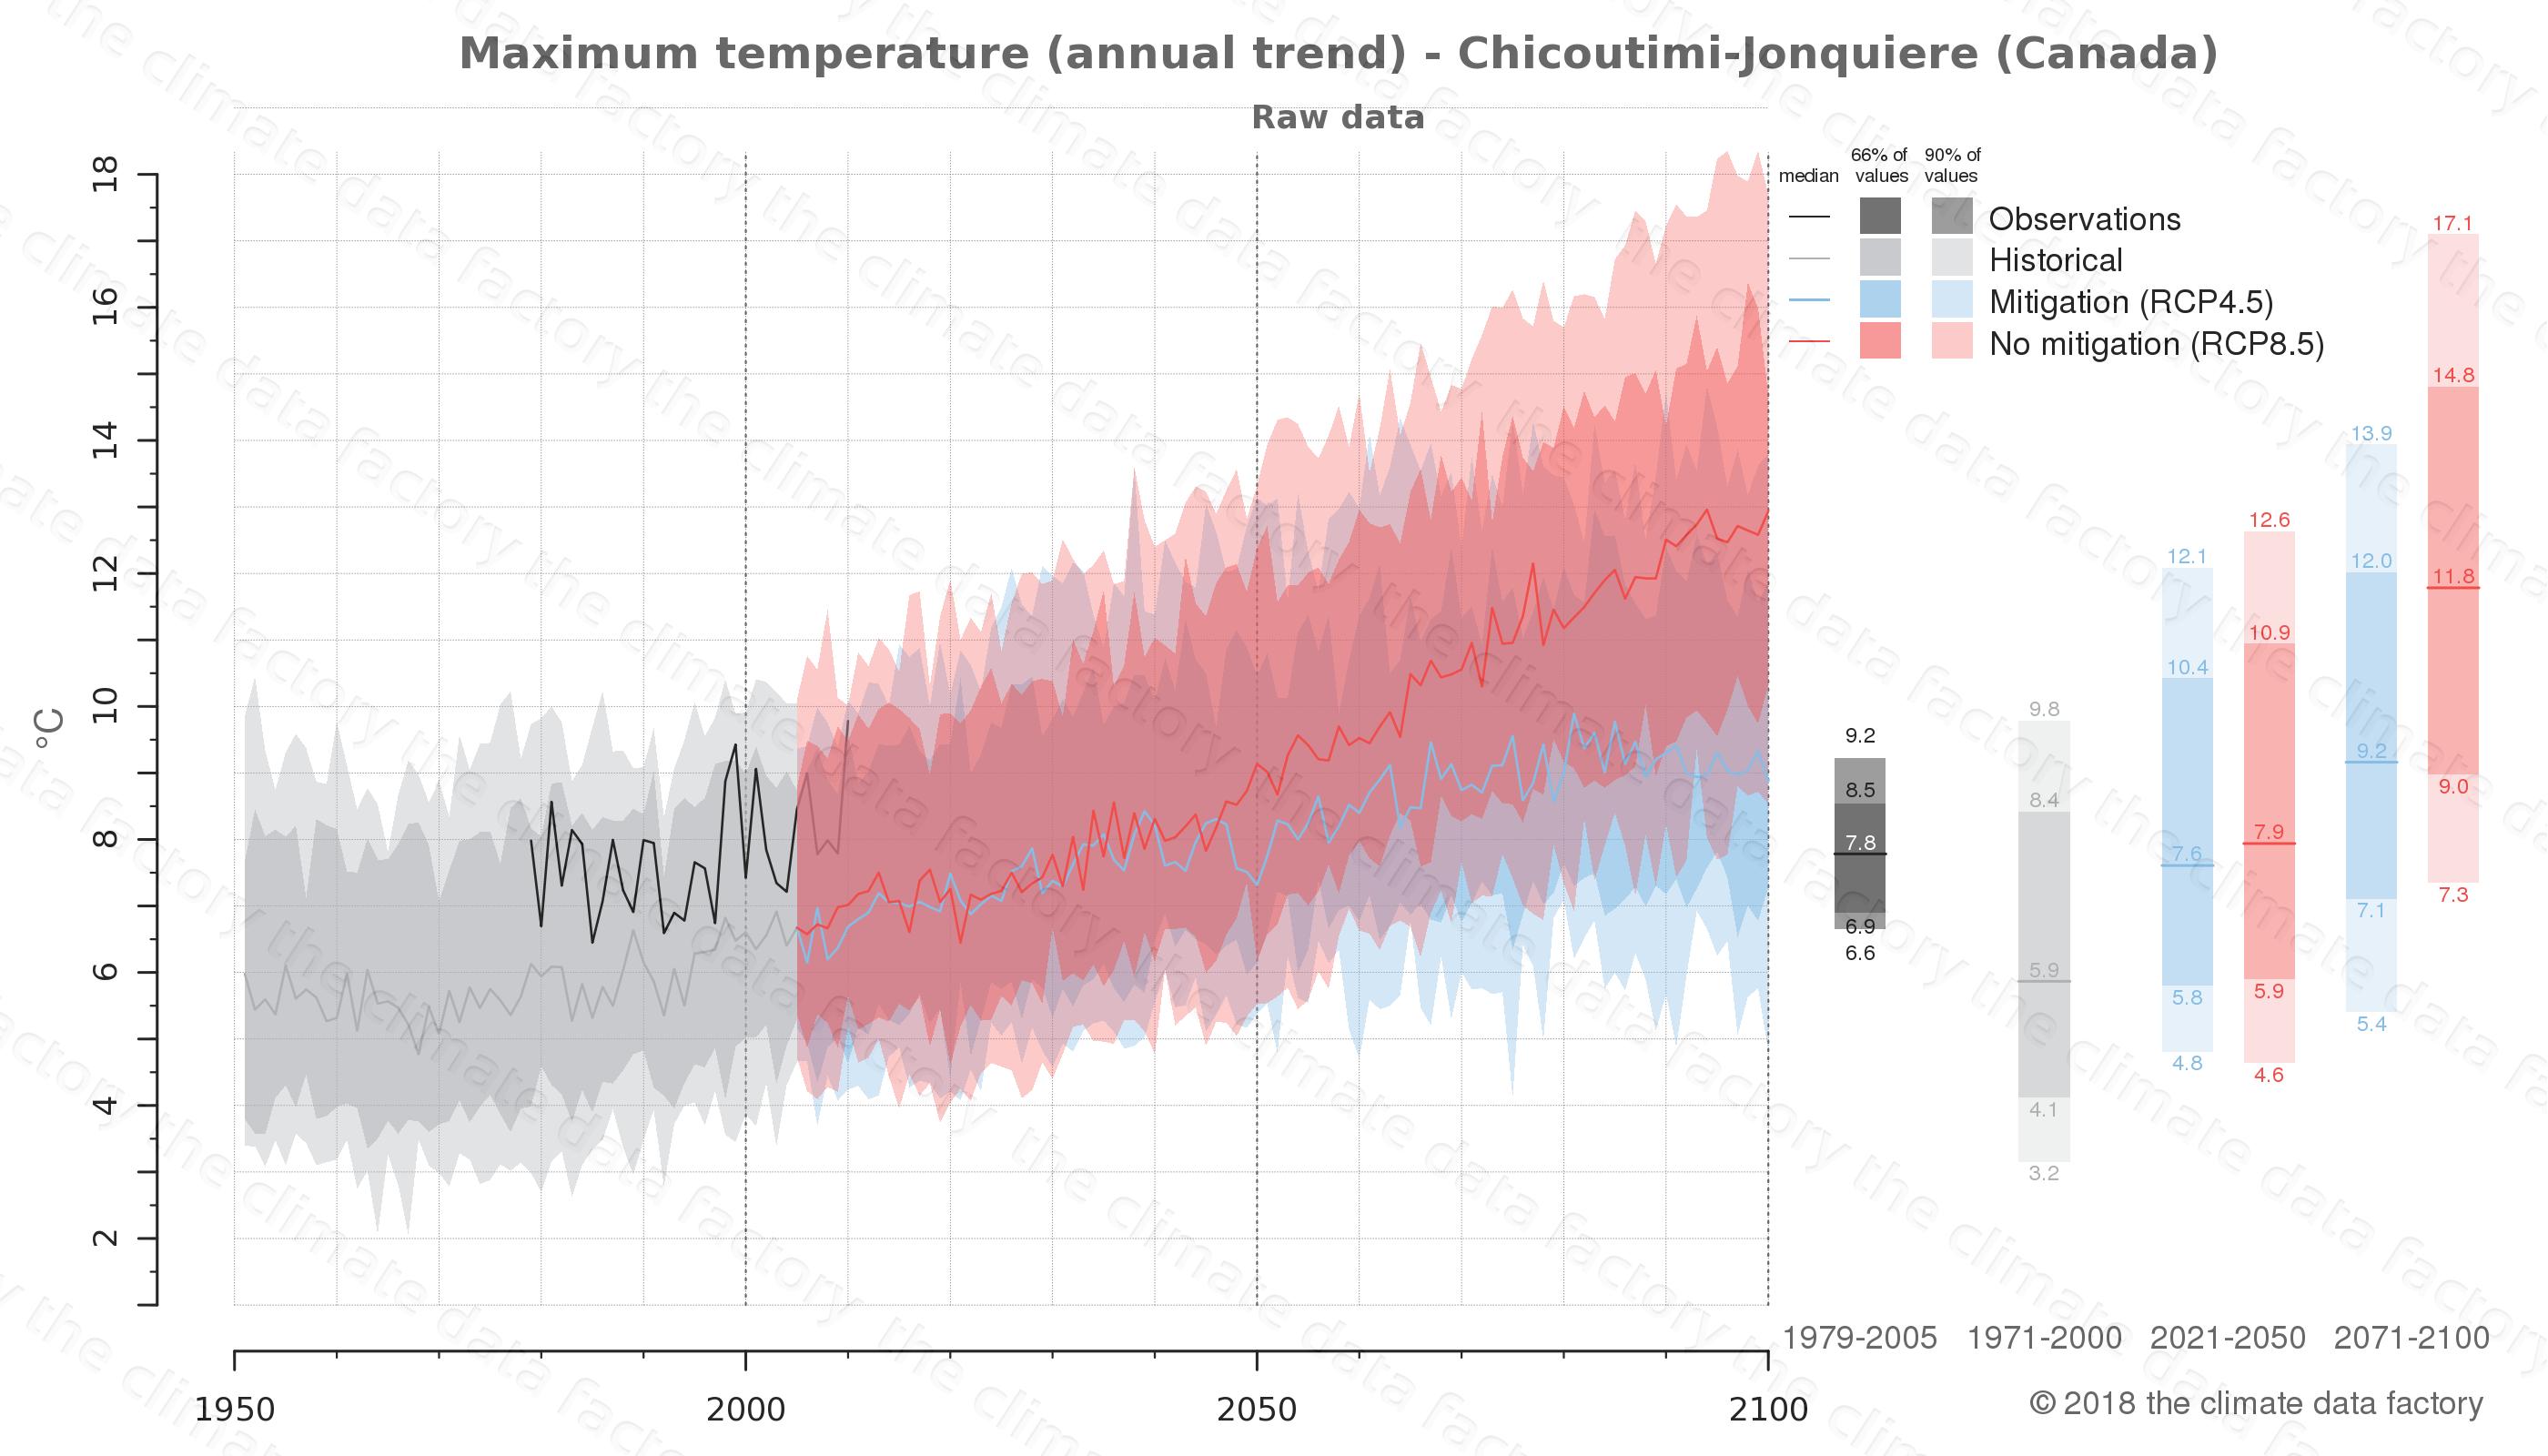 climate change data policy adaptation climate graph city data maximum-temperature chicoutimi-jonquiere canada